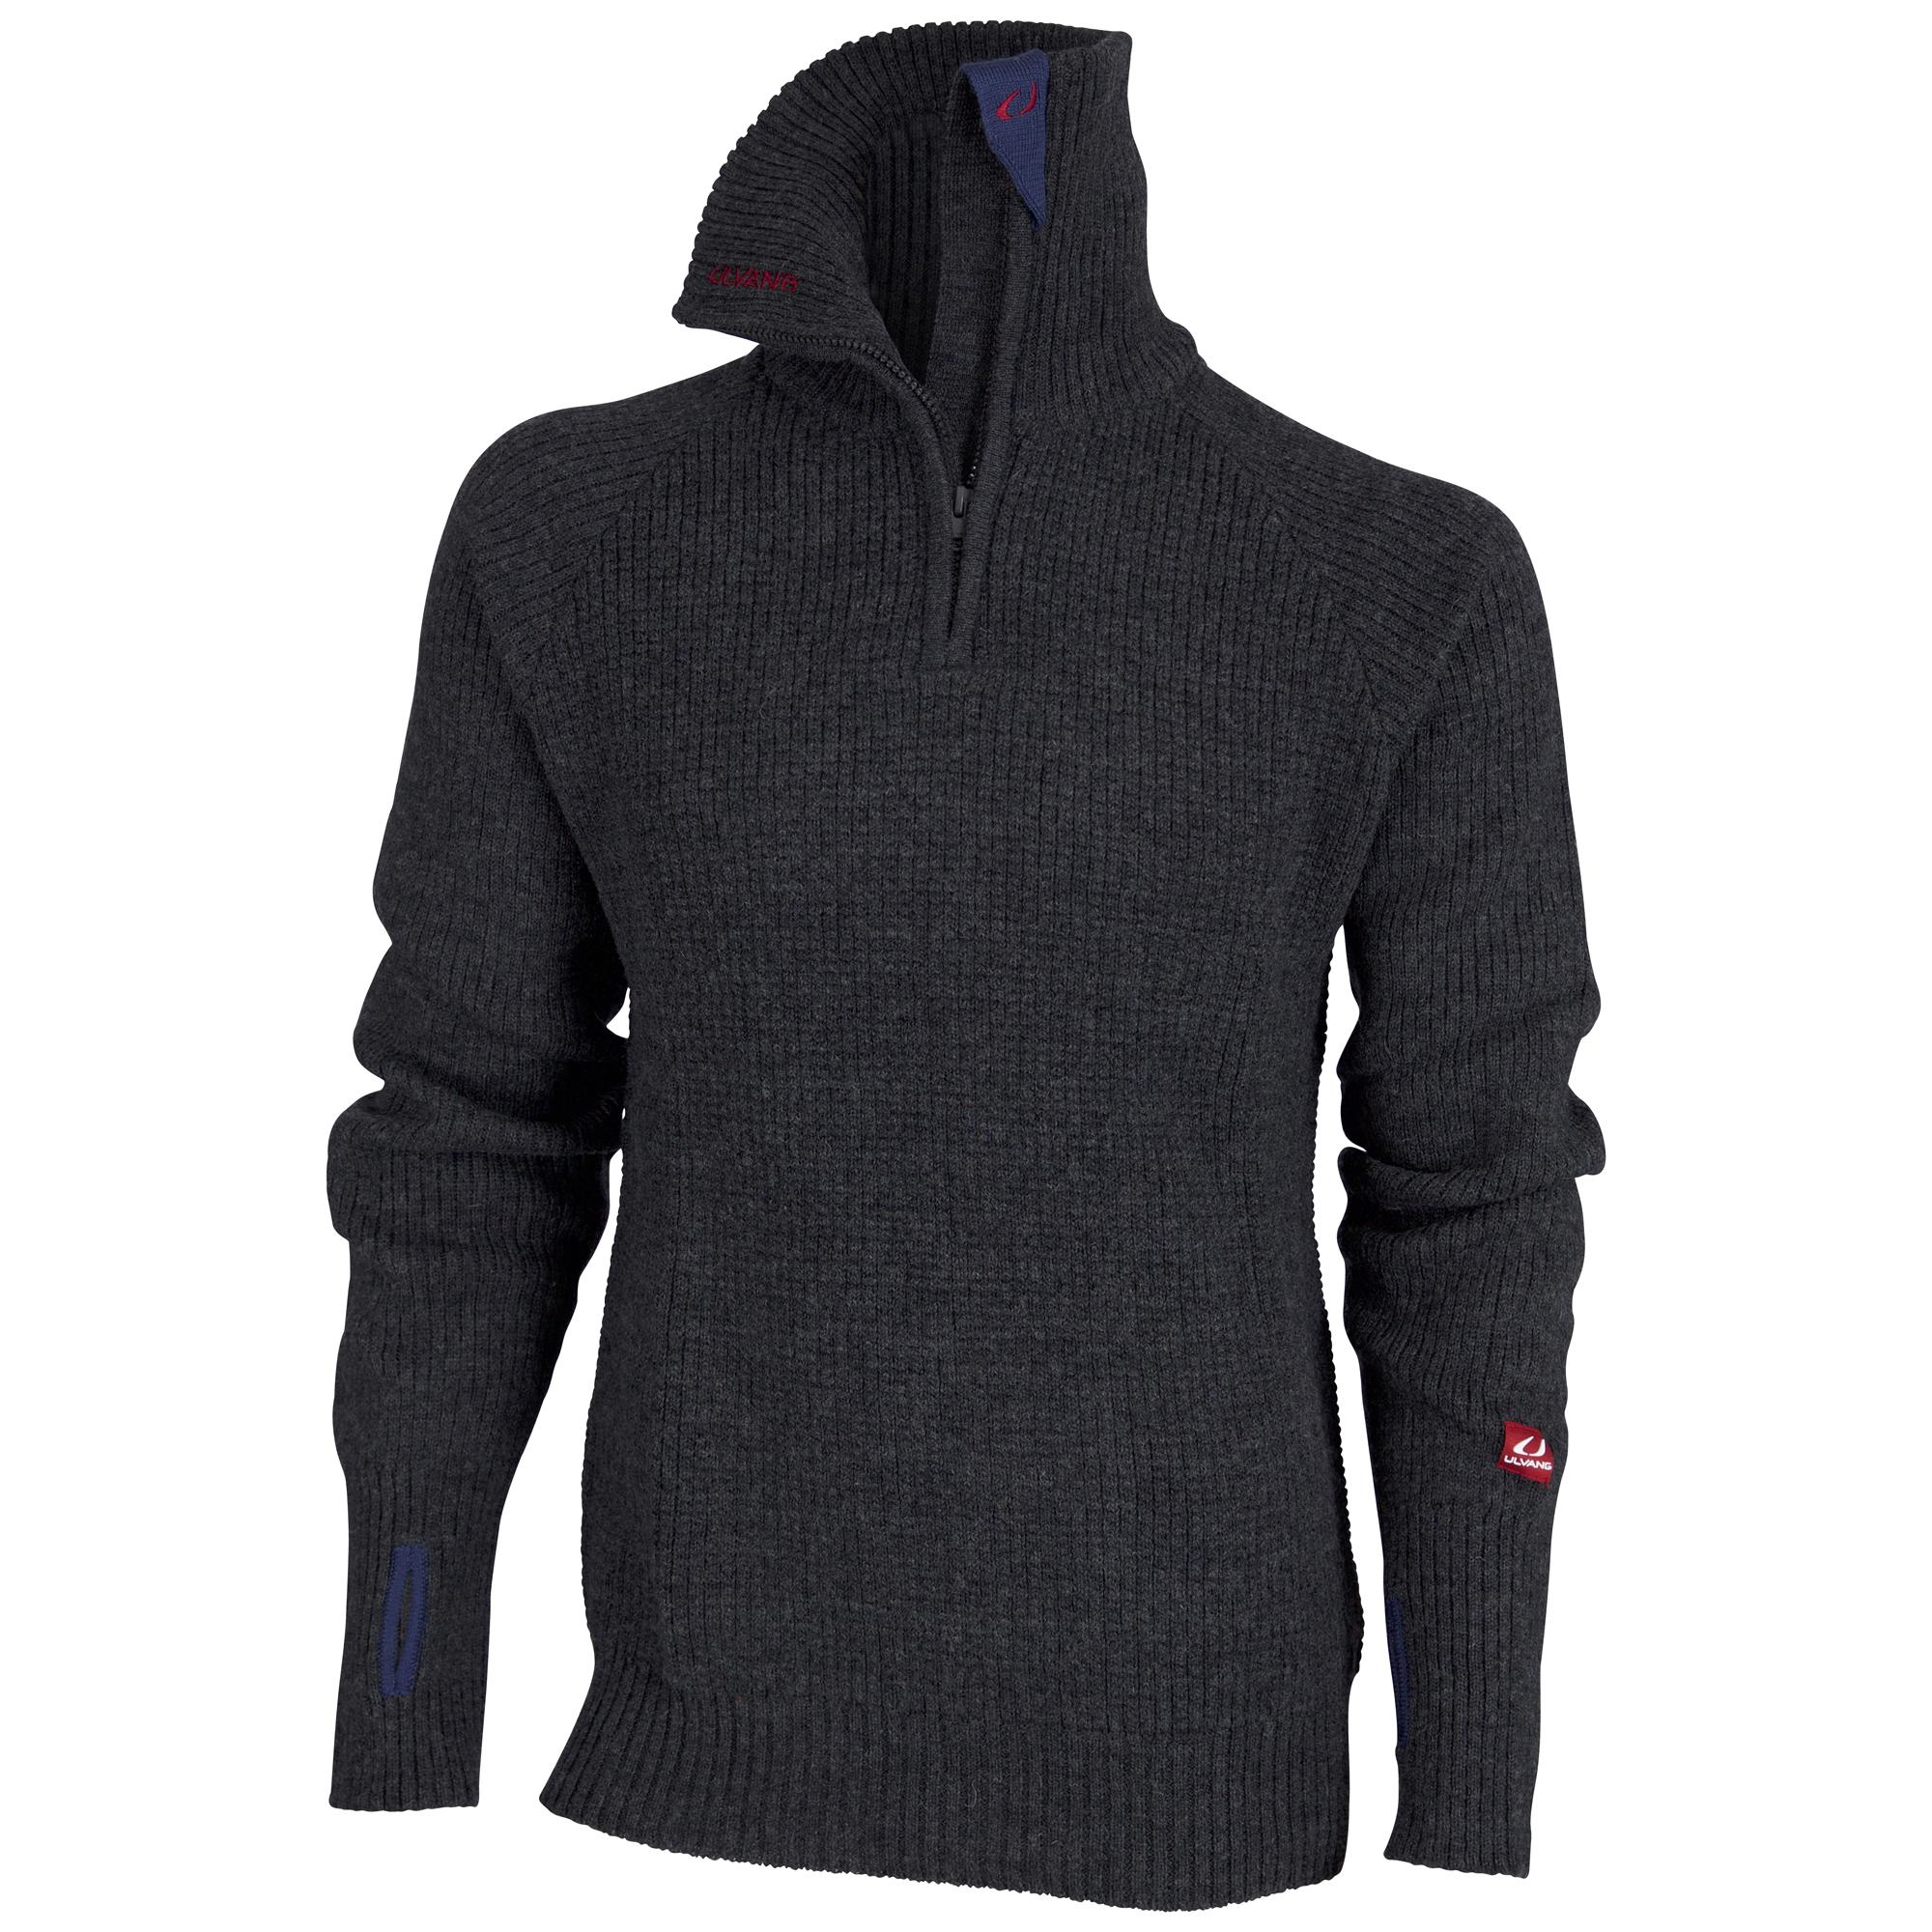 Ulvang Rav Sweater w/zip - Uldtrøje Unisex - Koksgrå | Jackets